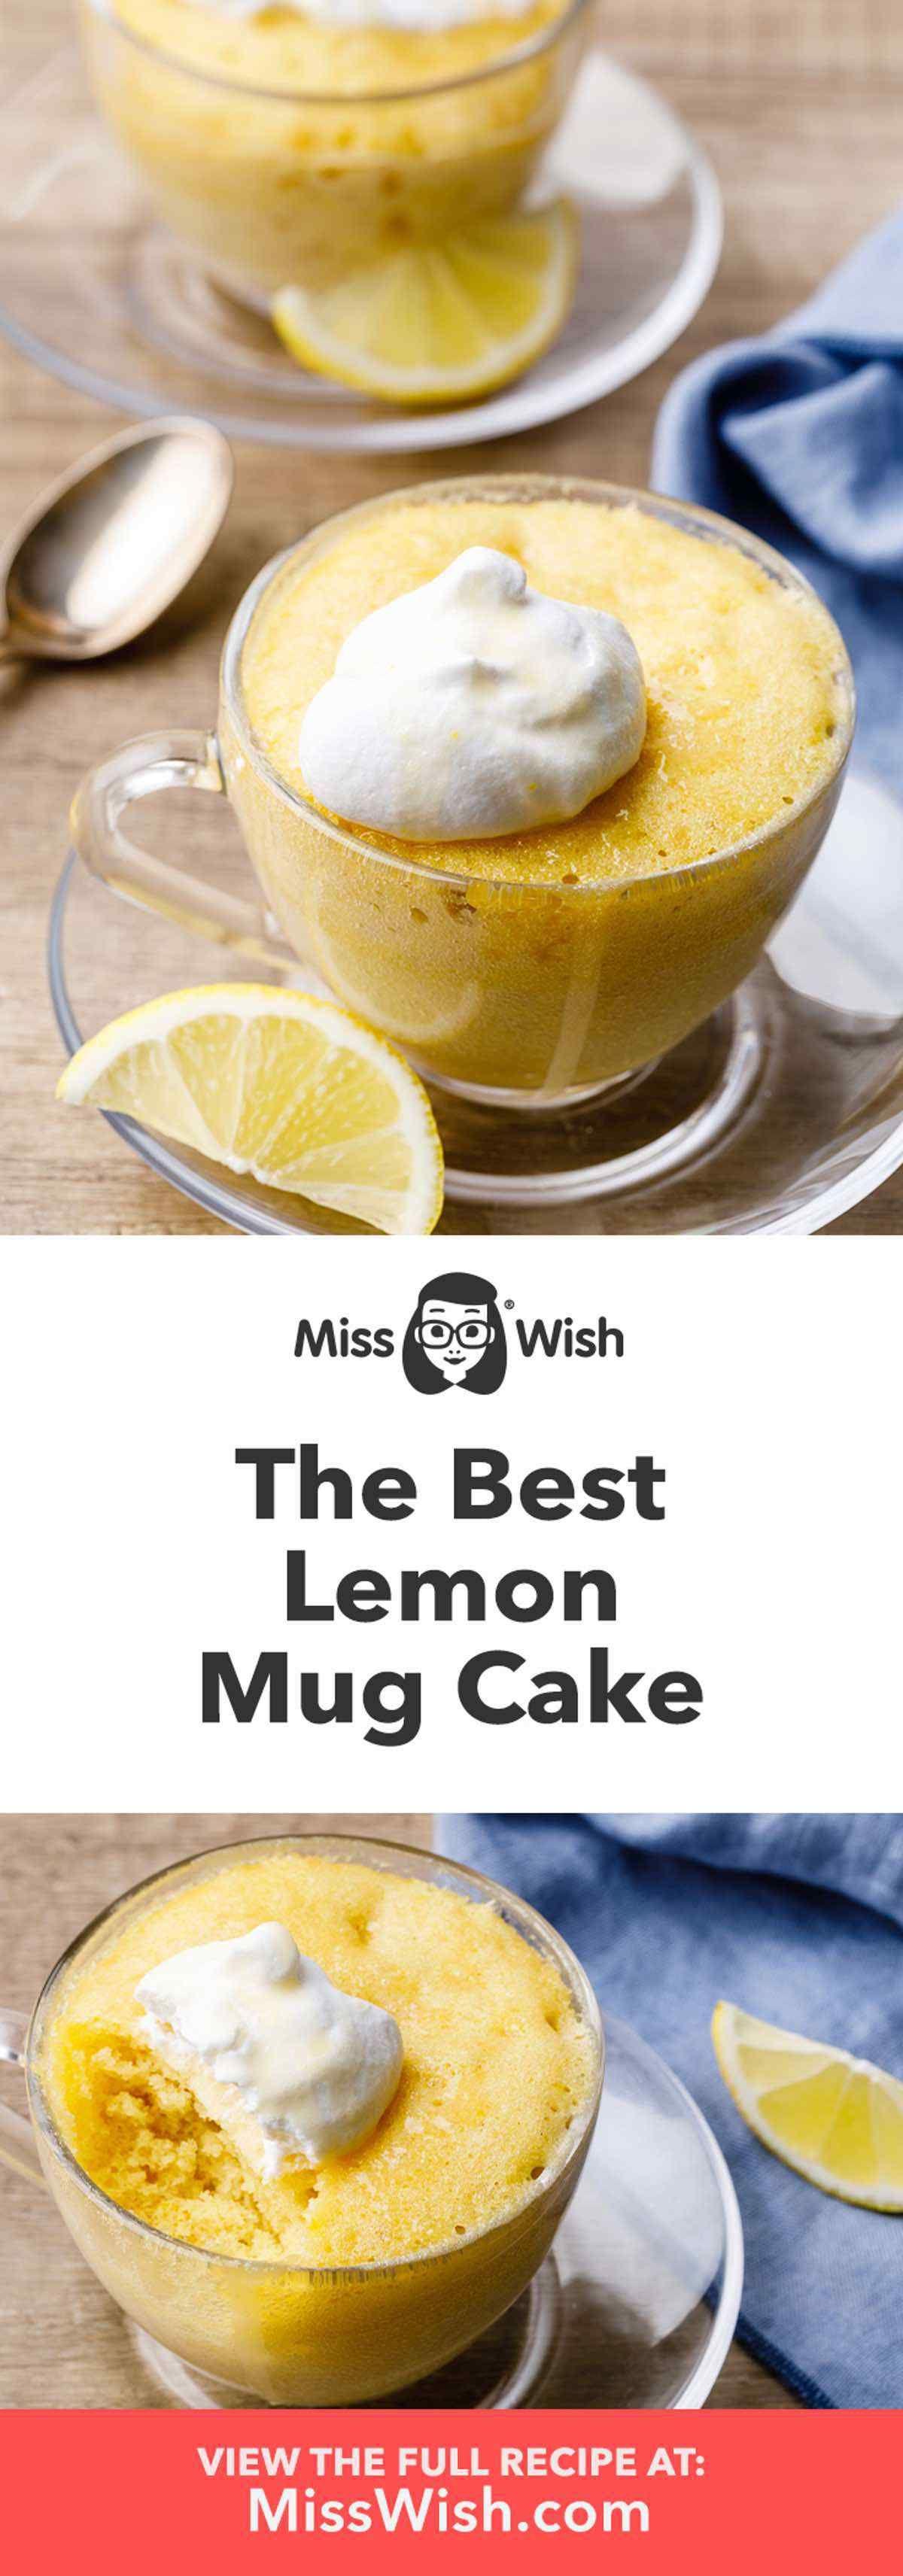 How to Make the Best Homemade Lemon Mug Cake - Miss Wish